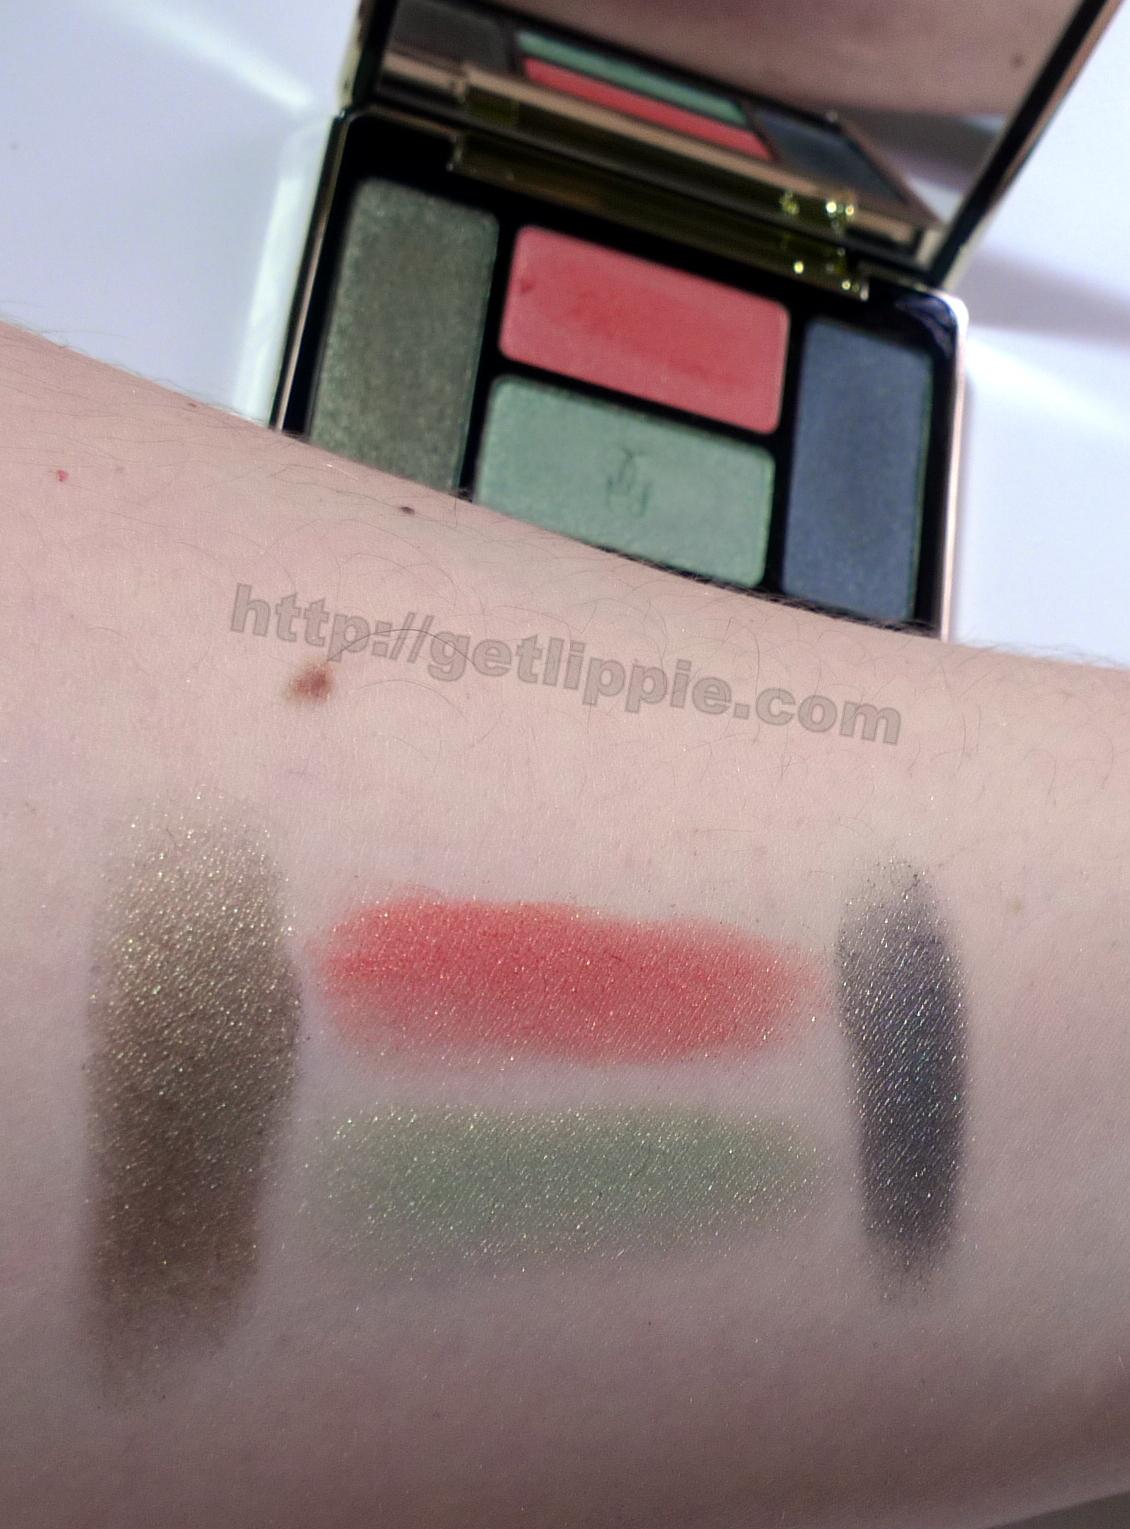 Guerlain ss13 ecrin 4 couleurs 501 attrape coeur 502 coup de foudre get lippie - Coup de foudre definition ...